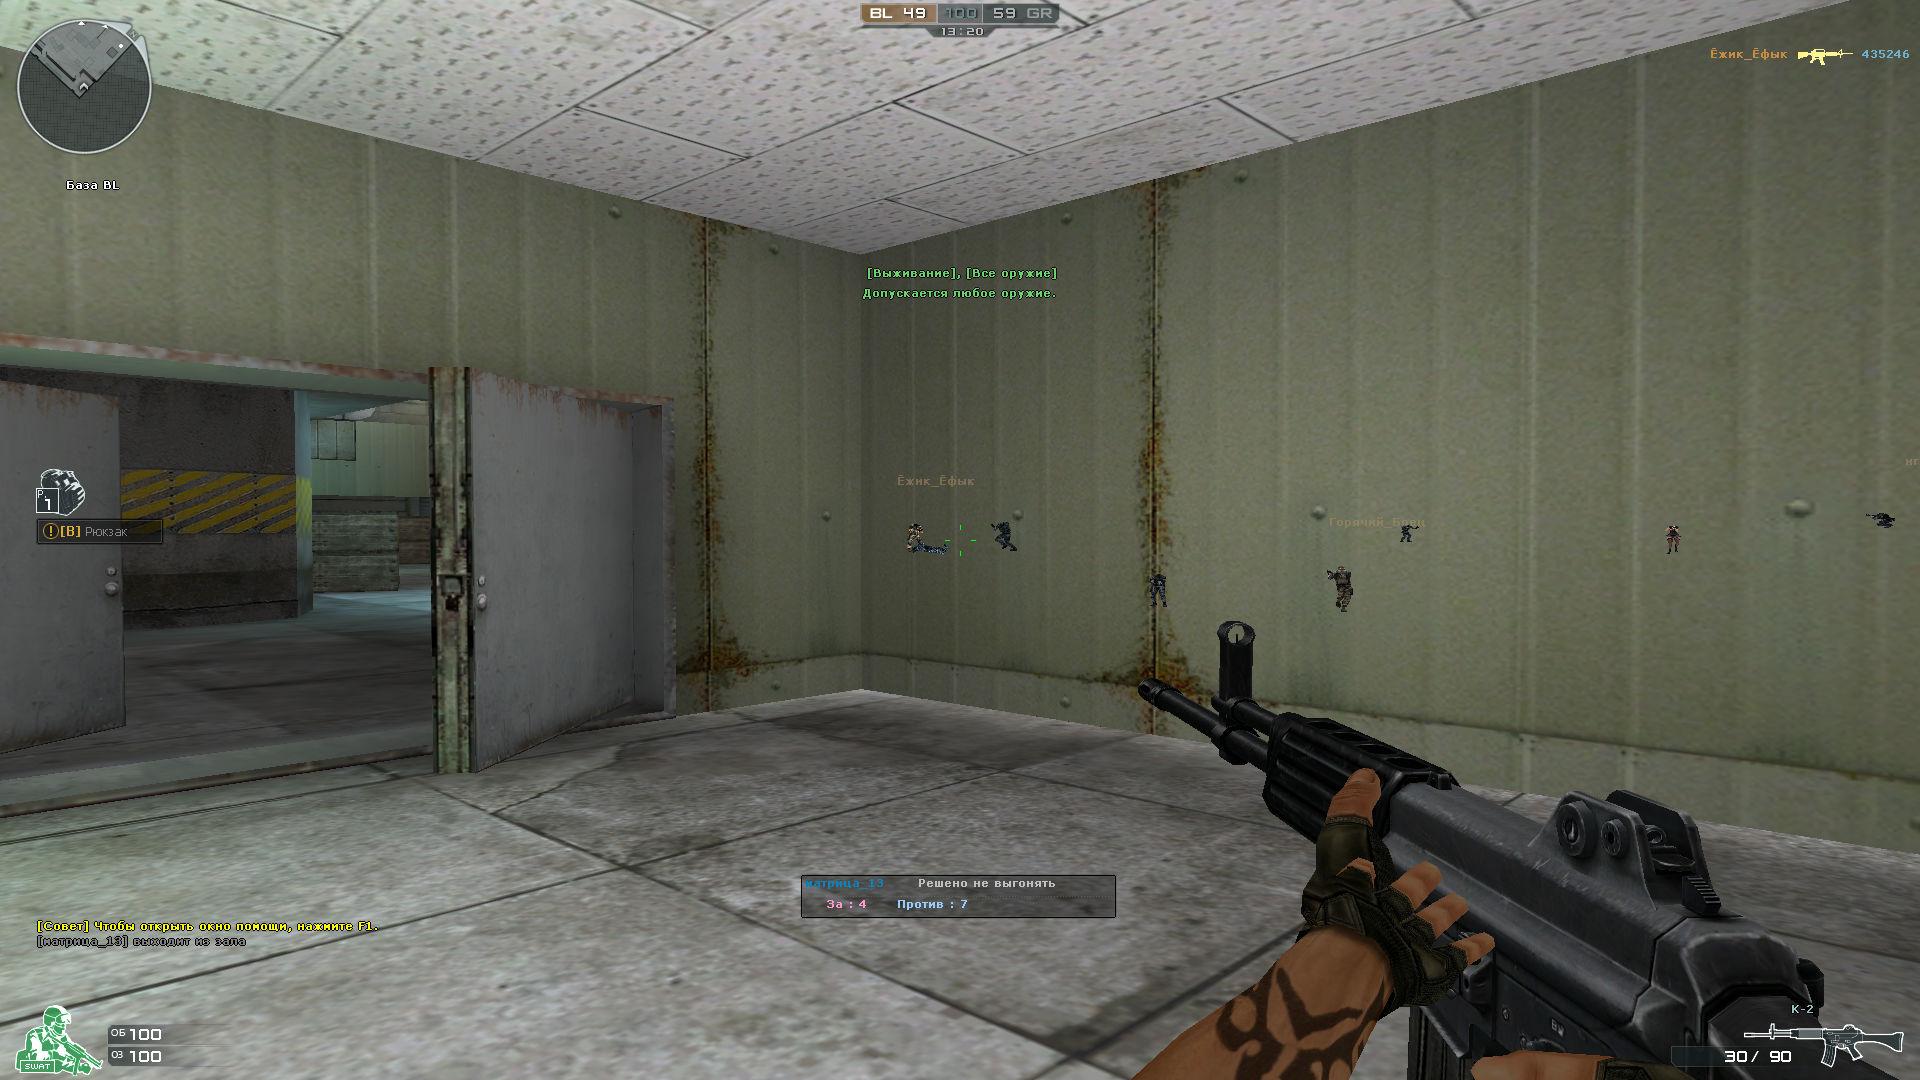 golden wallhack + для crossfire